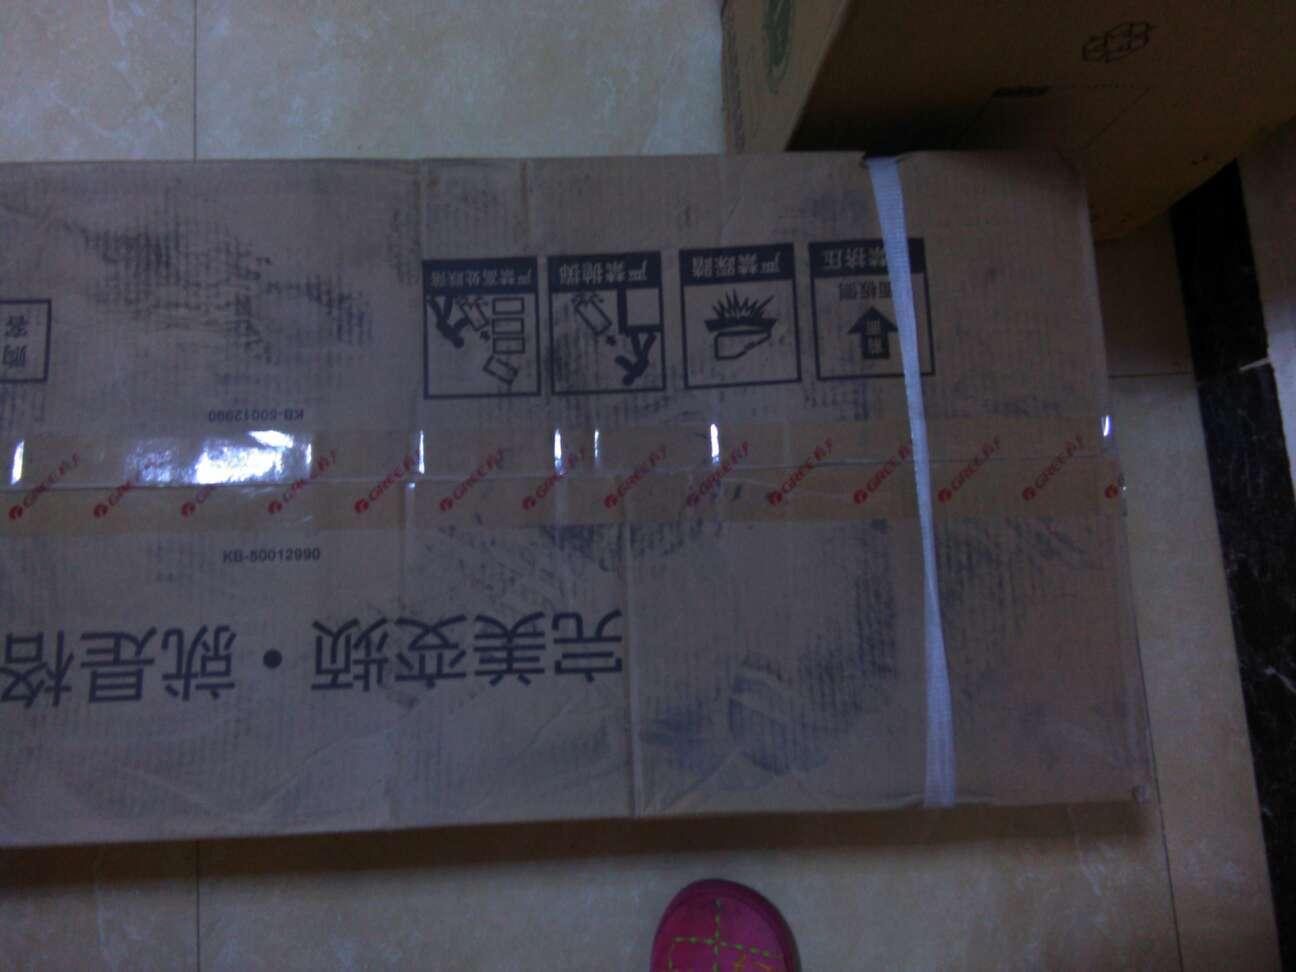 new shox 00937069 store